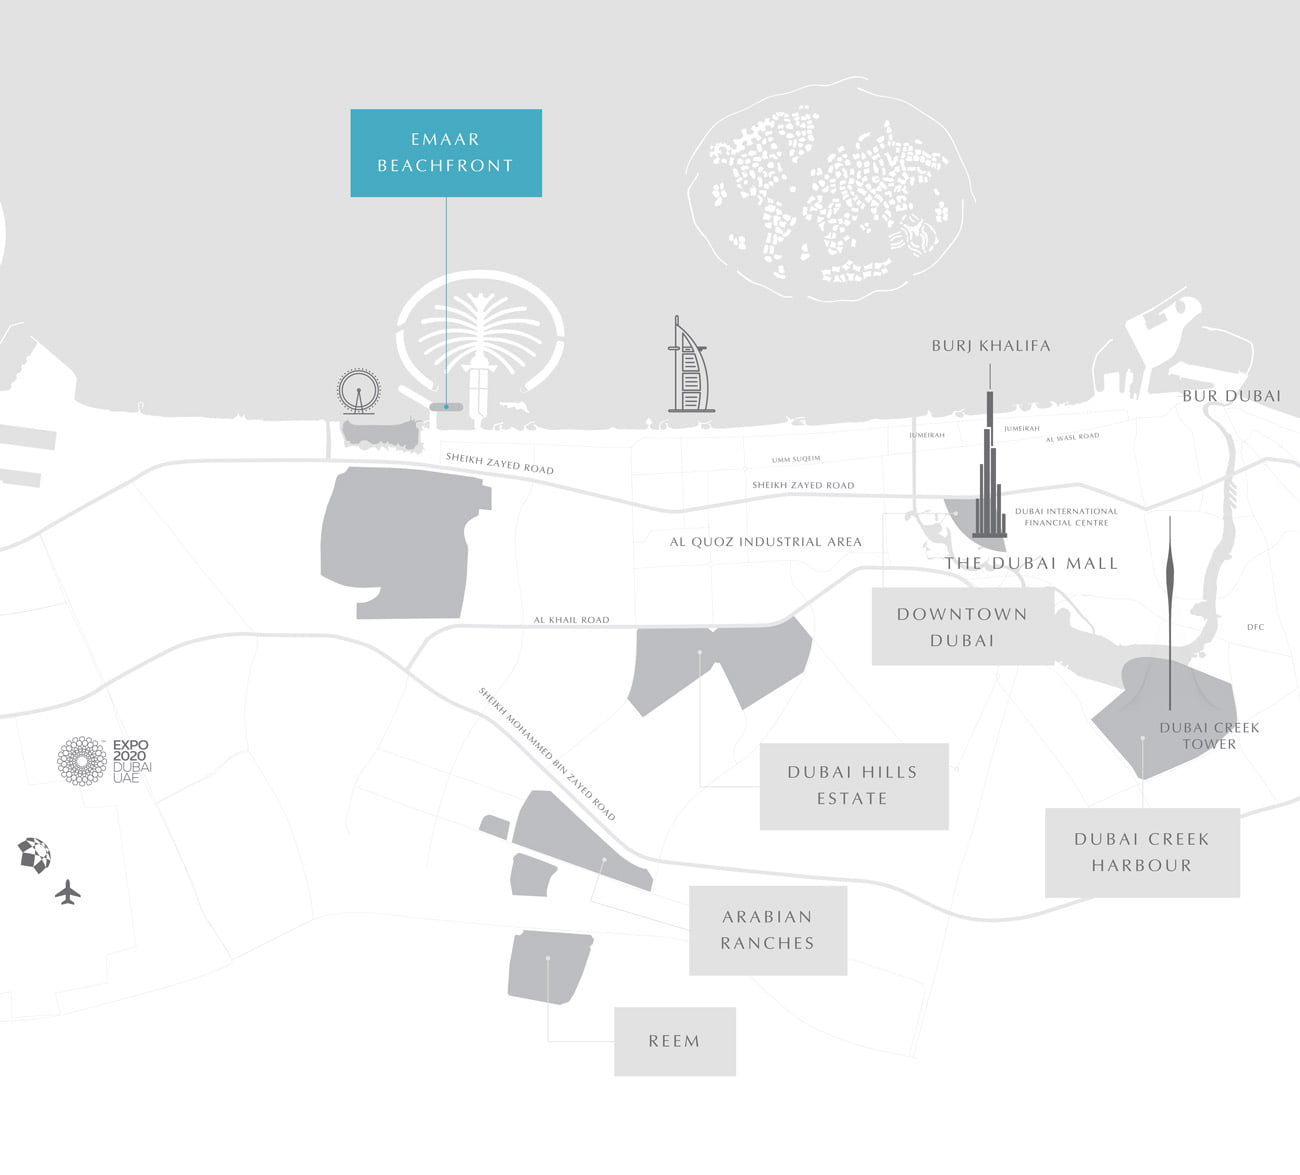 location at emaar beachfront - Elie Saab Branded Residences at Emaar Beachfront